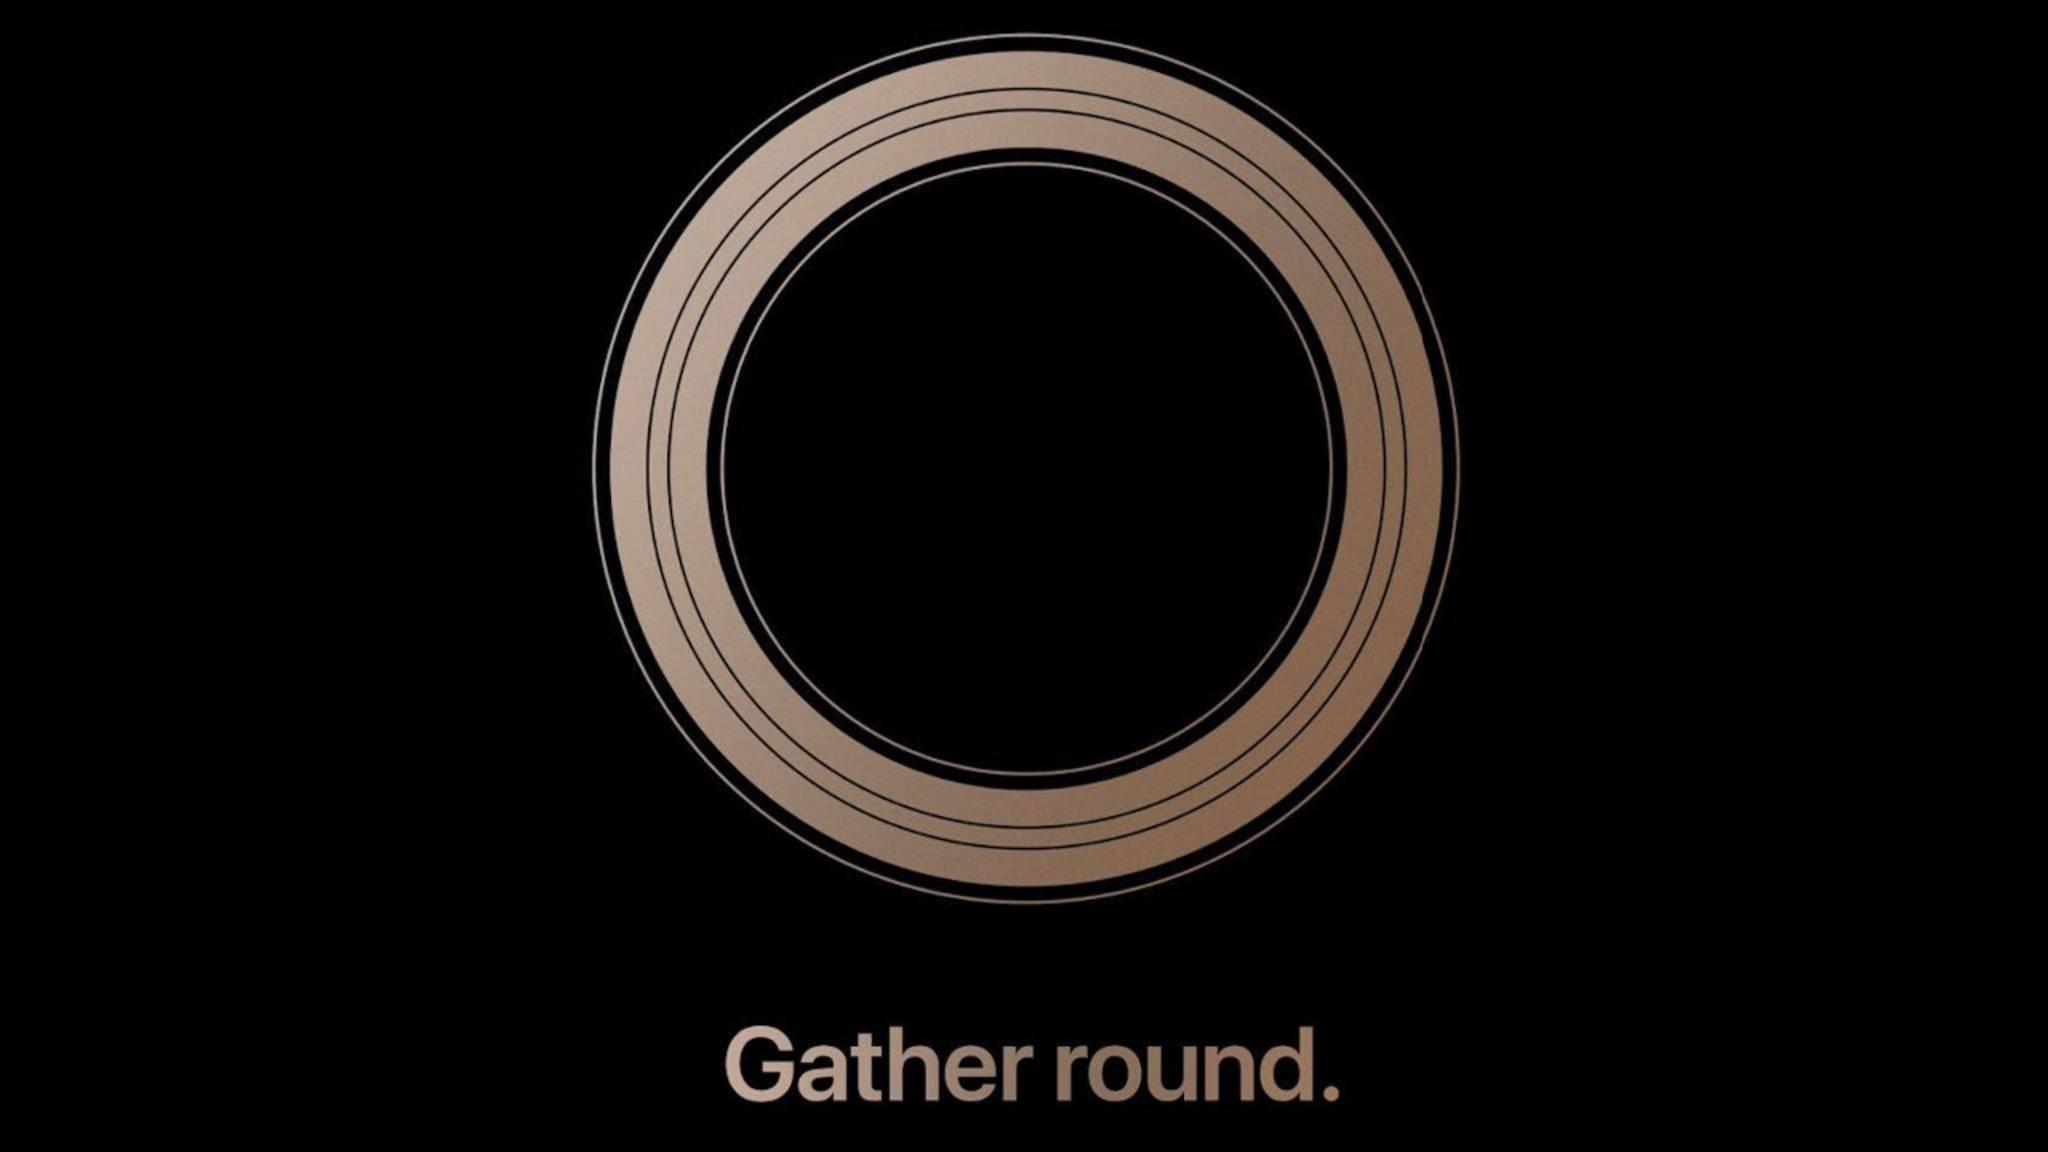 Am Mittwoch wird Apple voraussichtlich drei neue iPhones vorstellen.